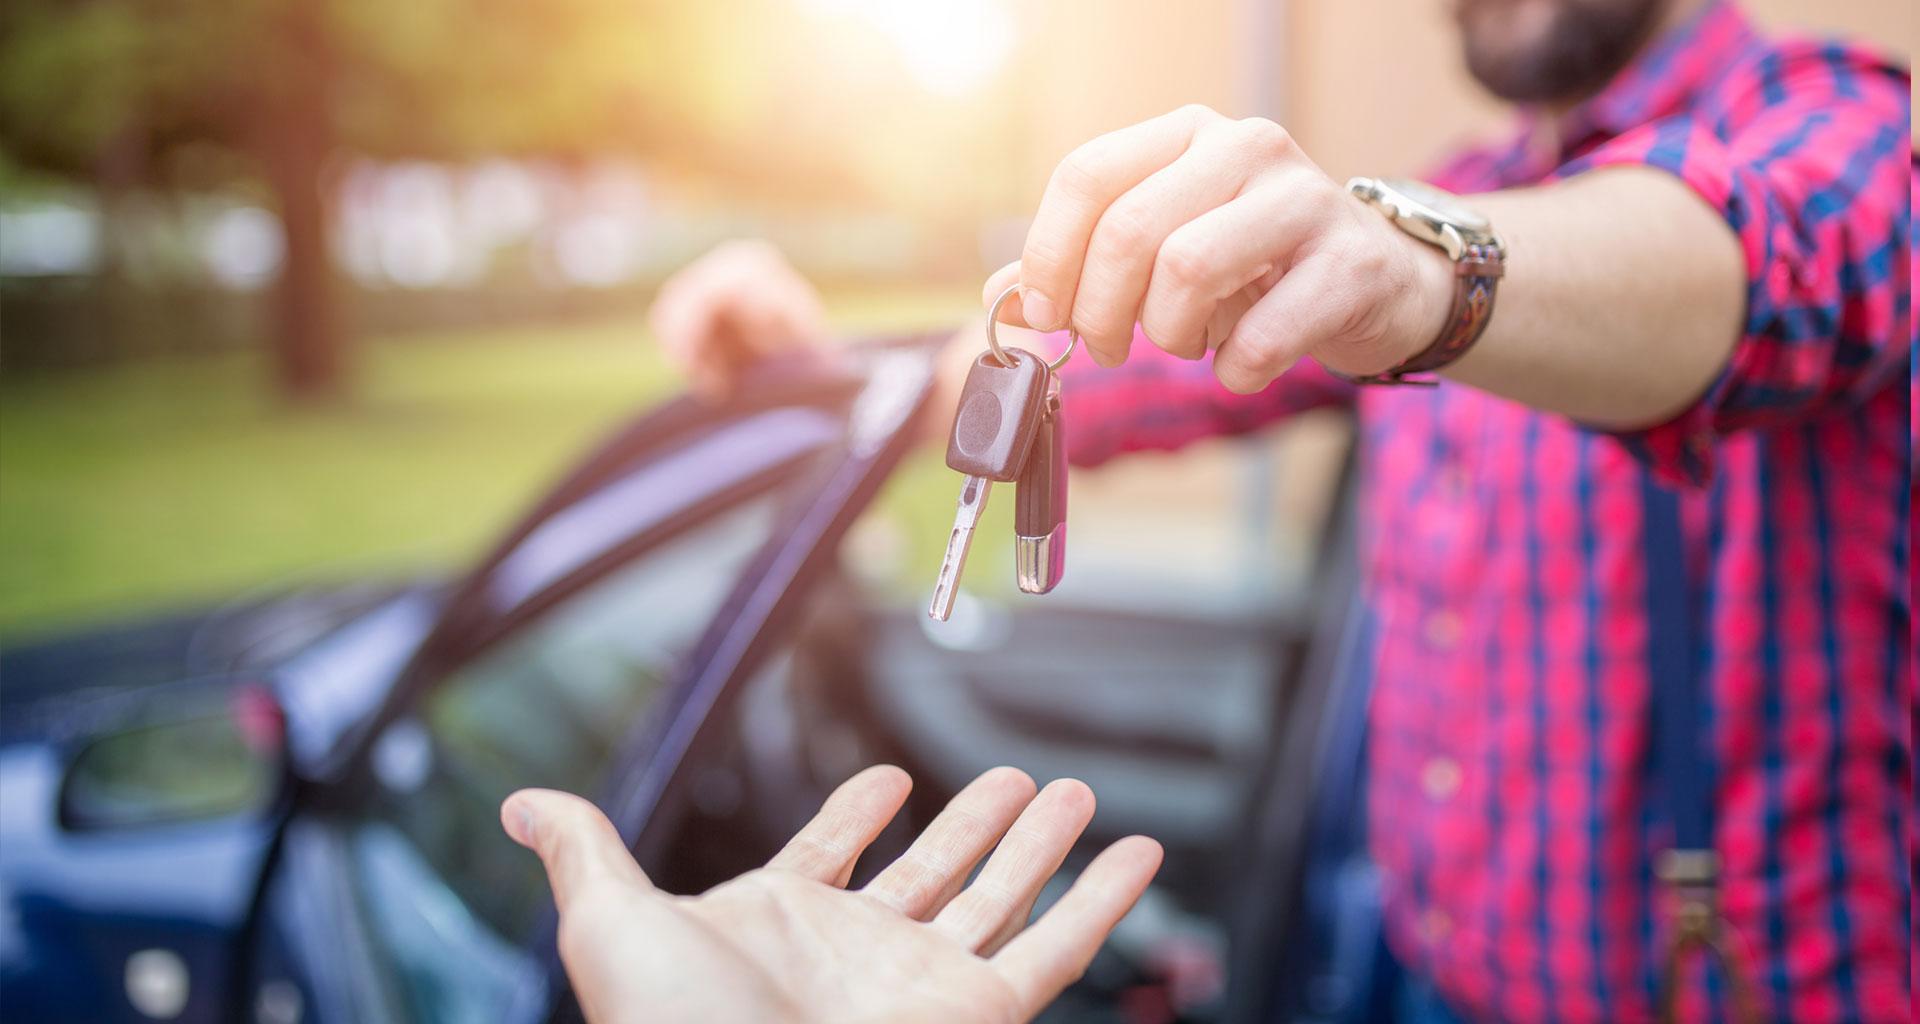 Želite prodati svoje vozilo? Pomagali vam bomo najti kupca za vaše vozilo